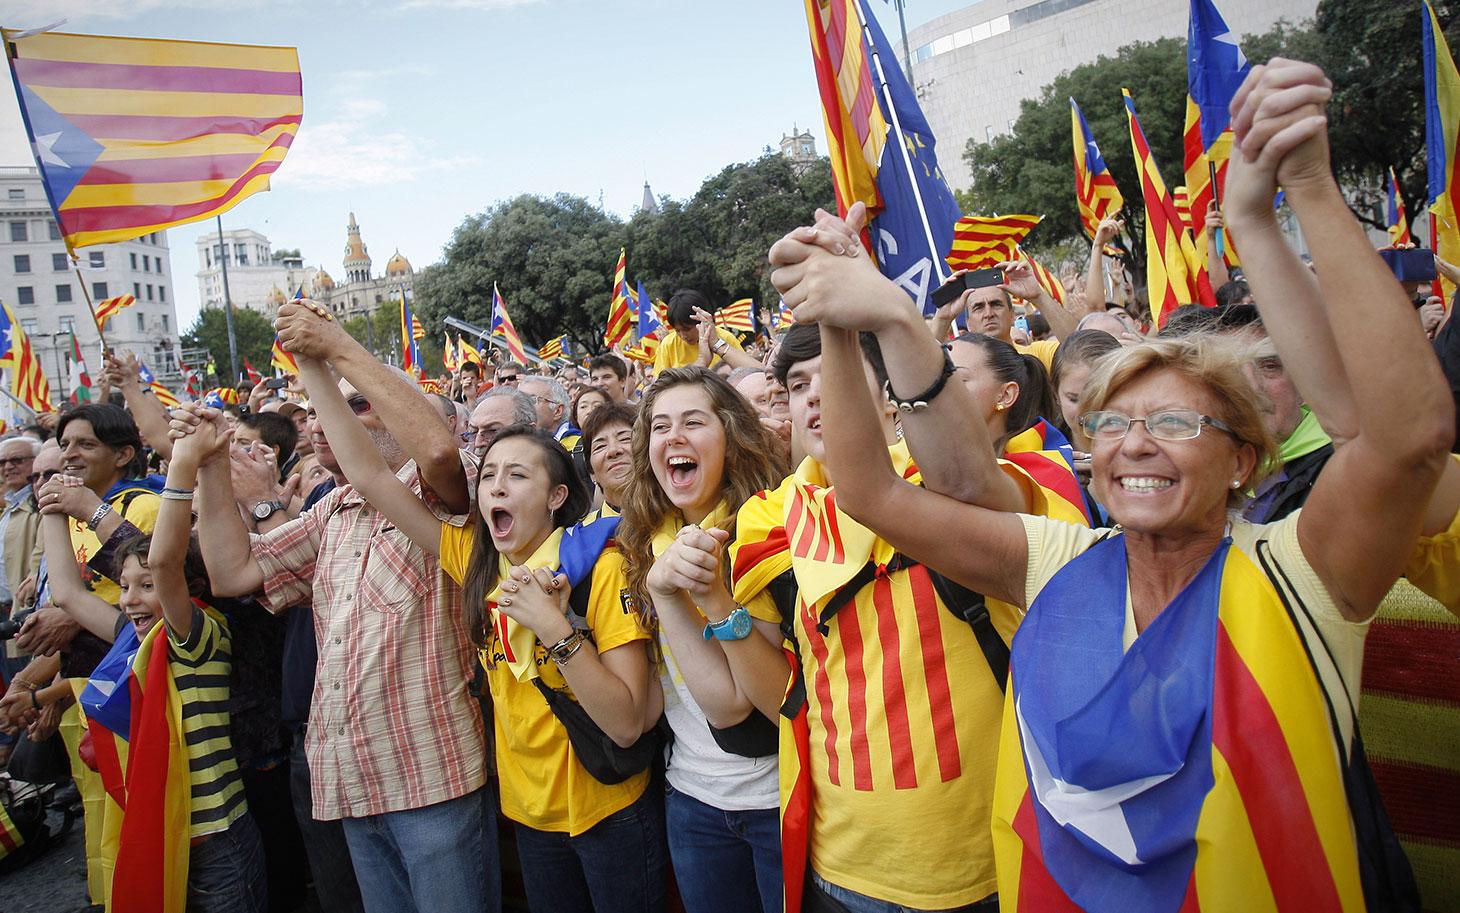 کاتالونیا برغم مخالفت پارلمان اسپانیا با همه پرسی هنوز در پی رسیدن به استقلال است